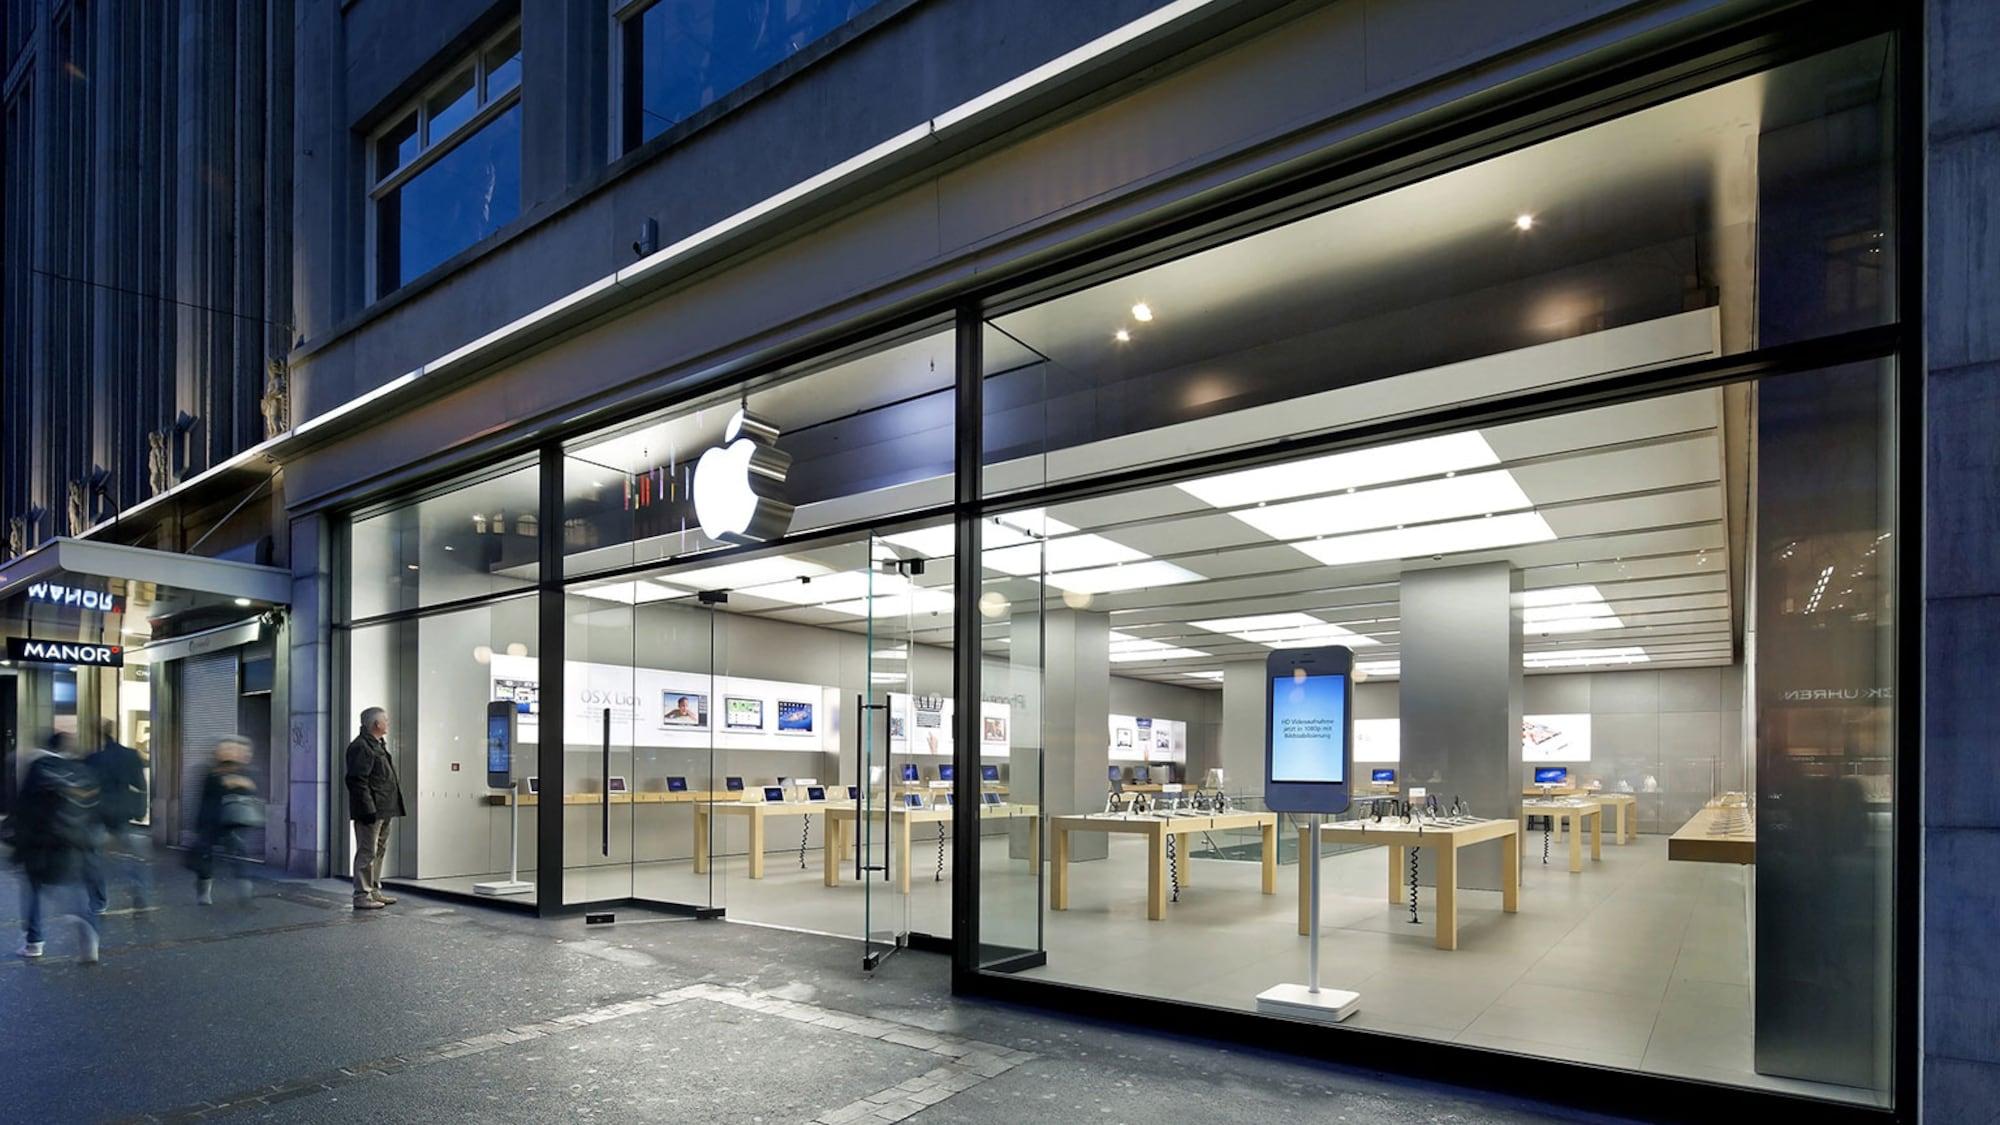 Wegen Zoff mit Vermieter?: Aus für Mega-Store von Apple in der Zürcher Bahnhofstrasse